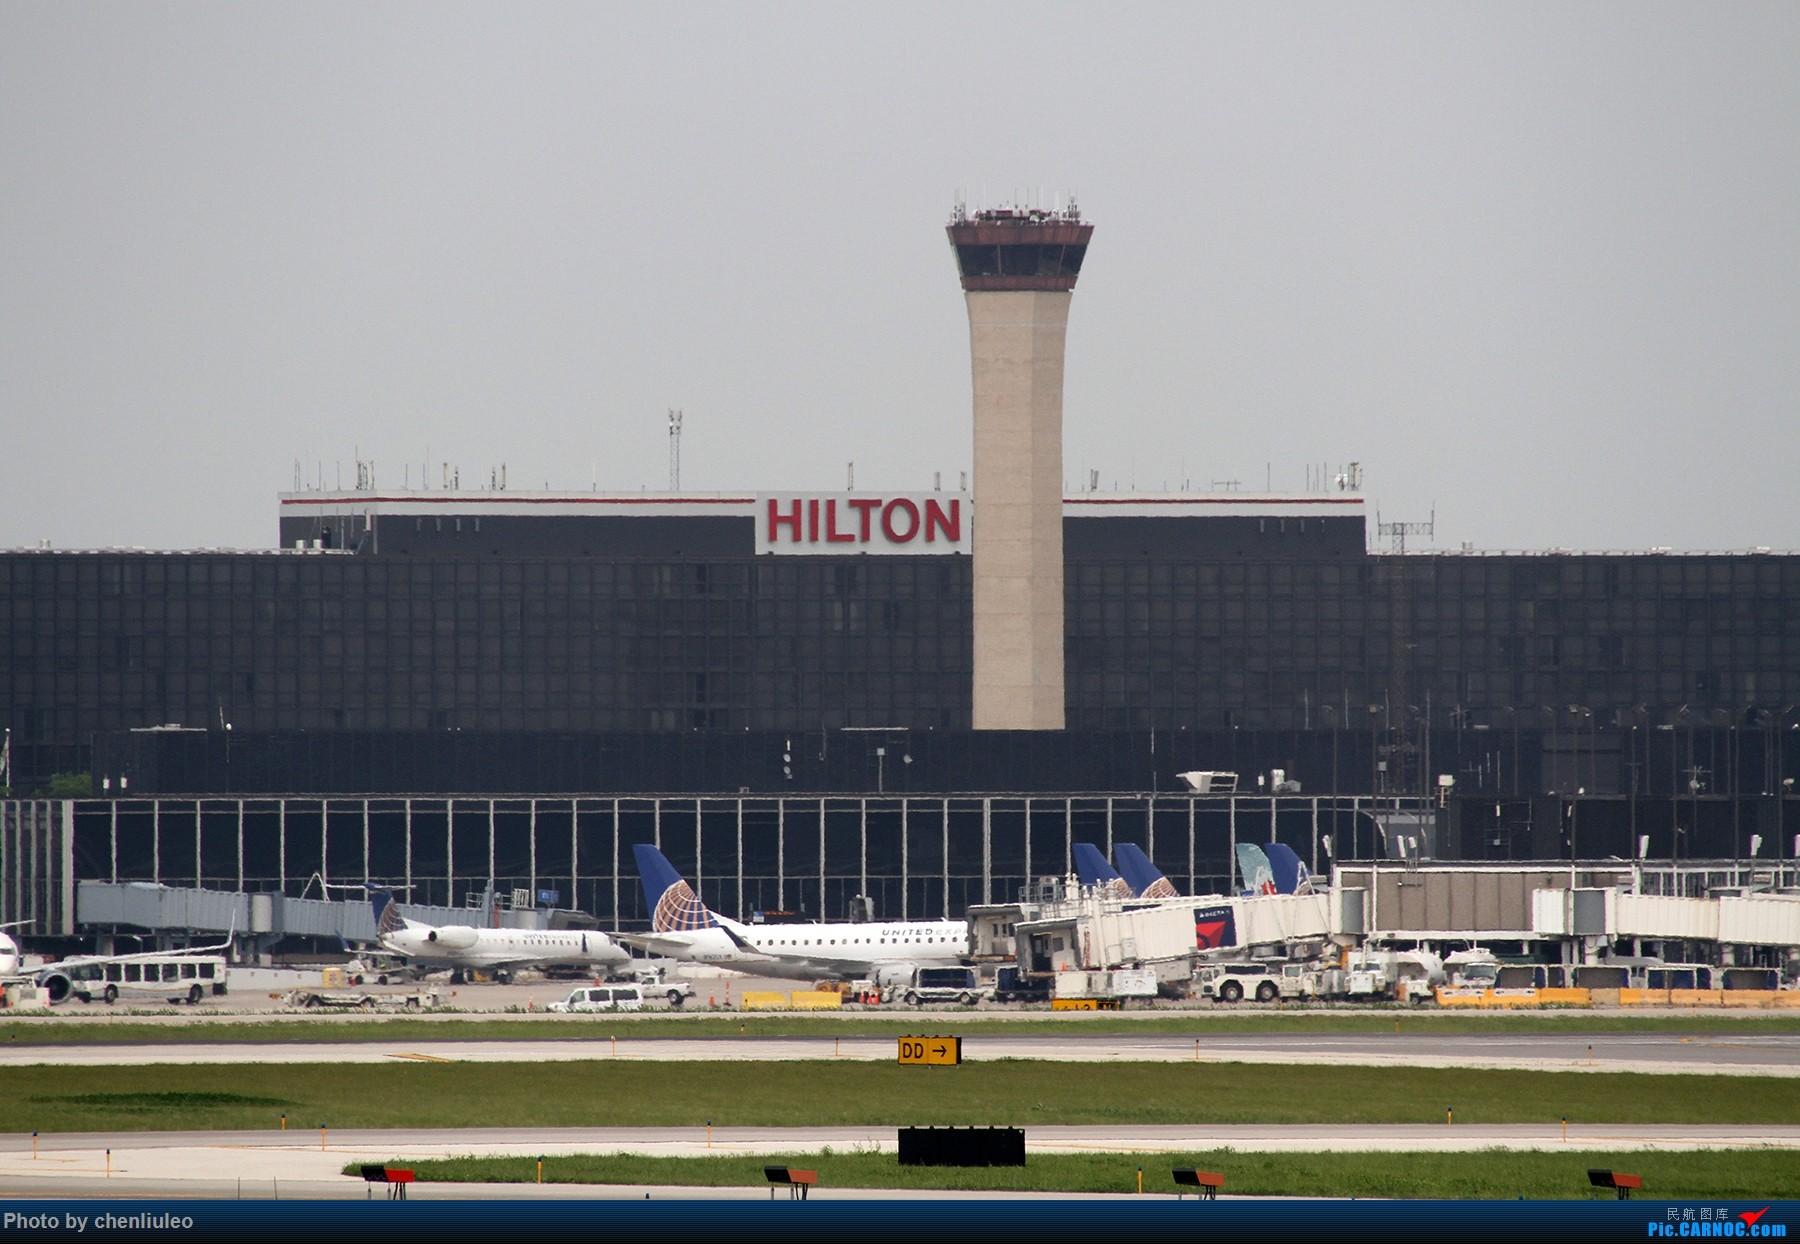 Re:[原创]【北美飞友会】芝加哥奥黑尔机场首拍 MD MD-10 N550FE 美国芝加哥奥黑尔国际机场 美国芝加哥奥黑尔国际机场